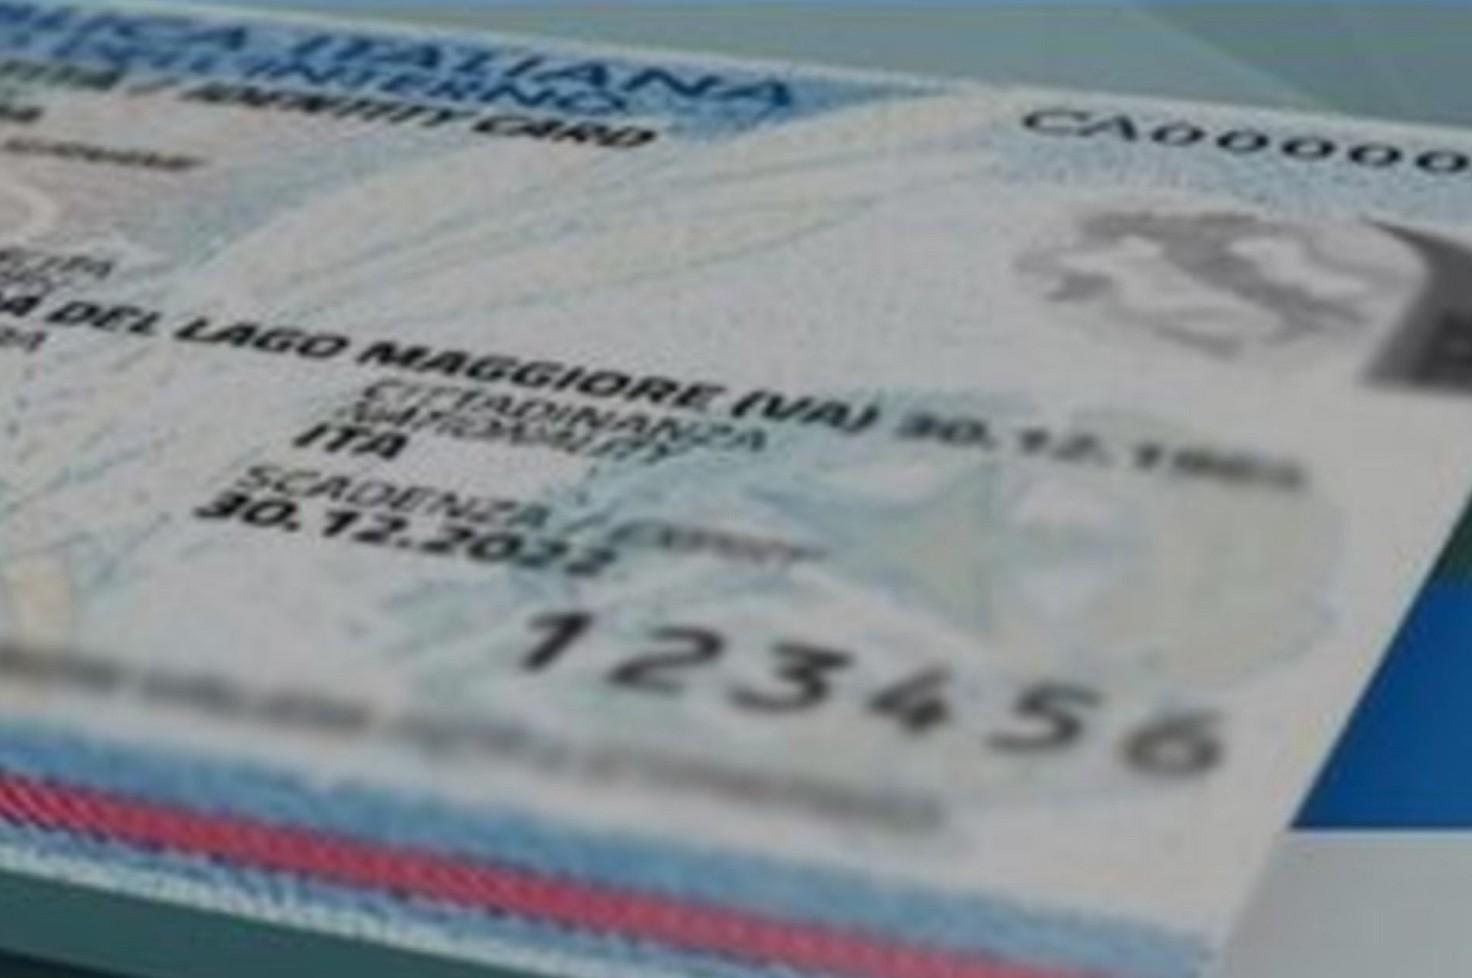 Cosa fare se carta identità, passaporto o patente persi o rubati all'estero